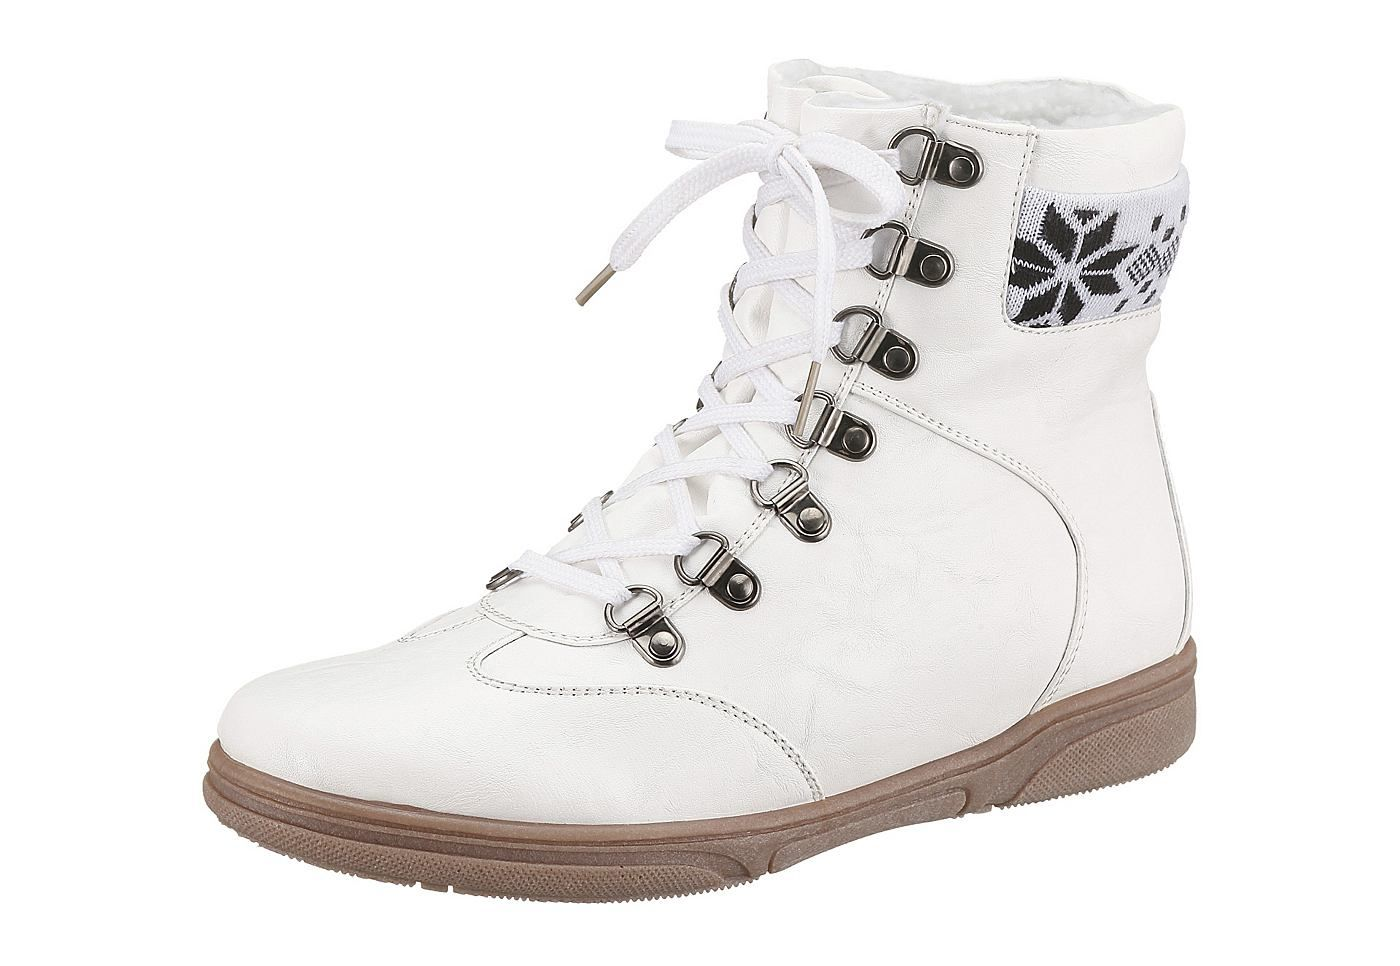 Boots, CITY WALK, Lederimitat, Futter: Warmfutter, Decksohle aus Warmfutter, Synthetik-Laufsohle, Schuhweite: Weite F (normal), Schnürung....